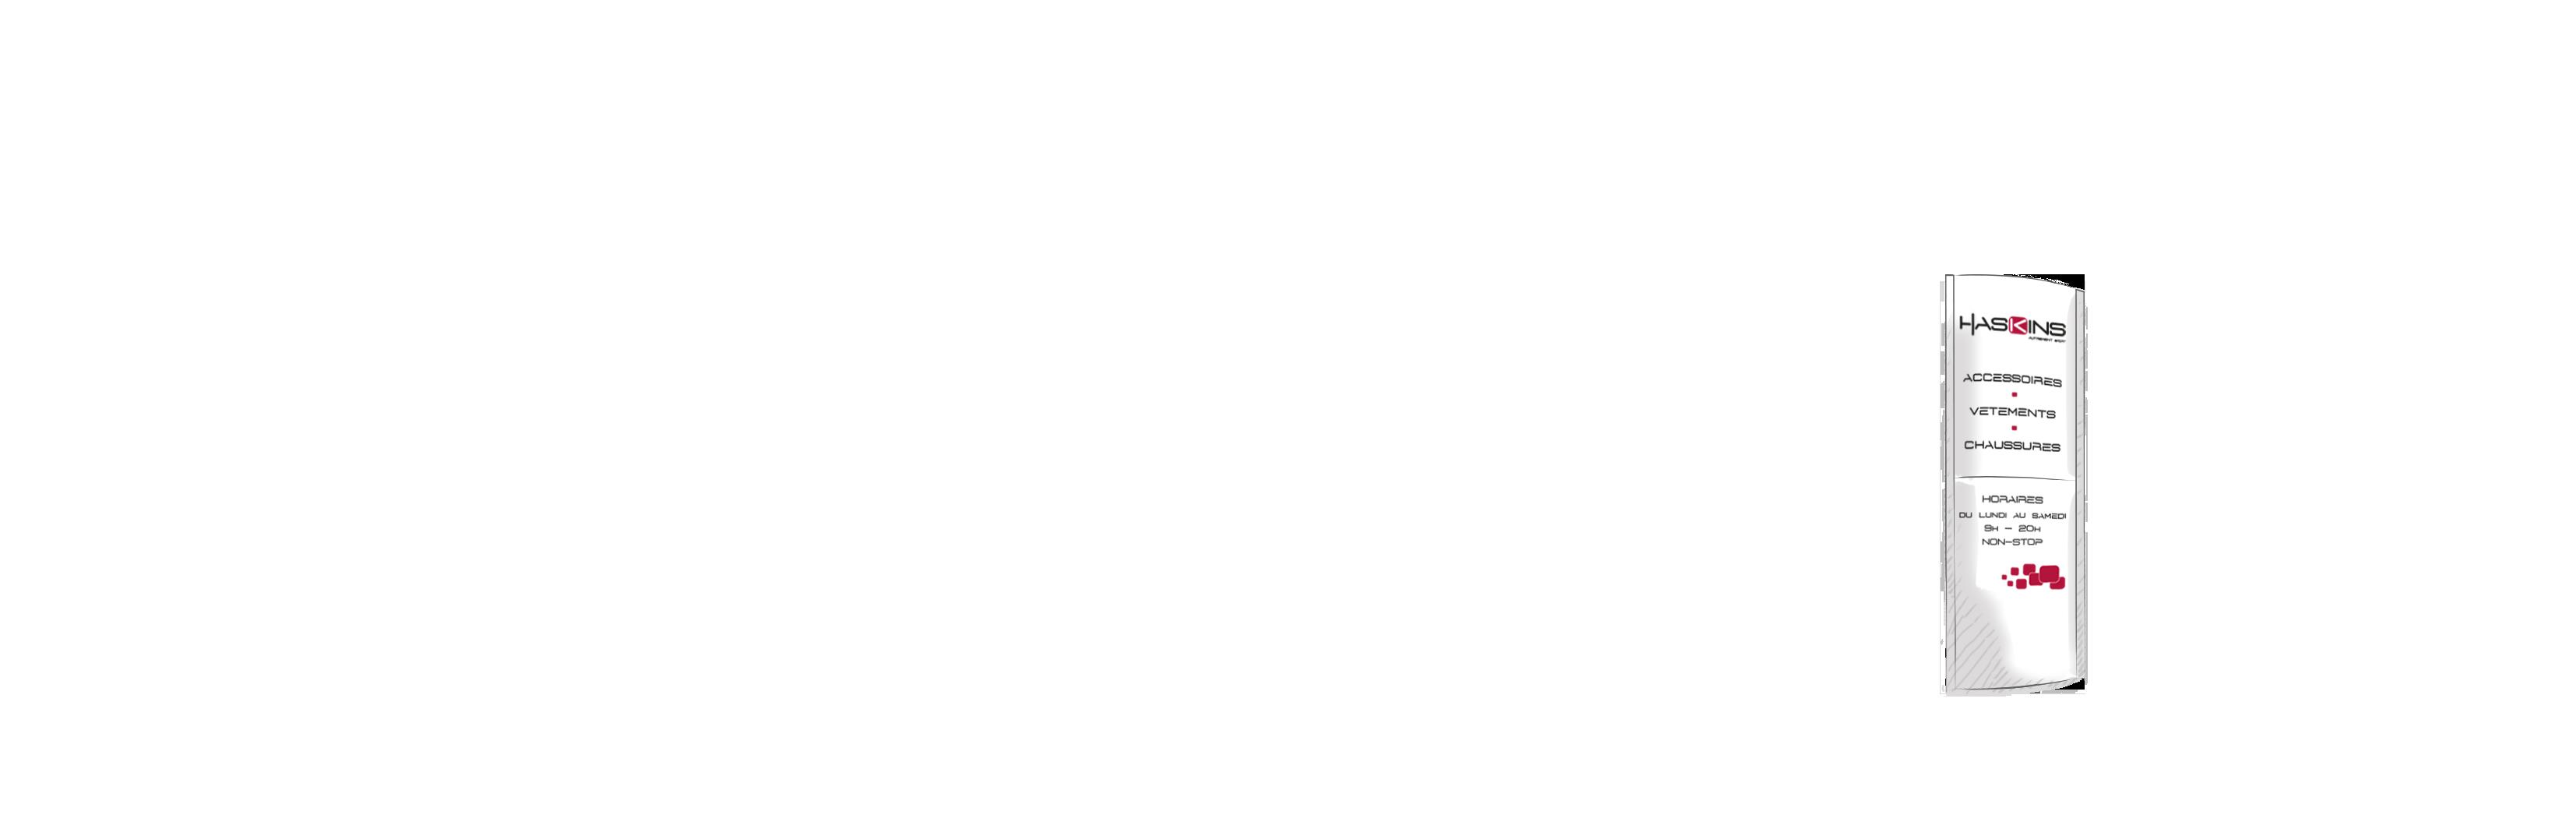 OXEO OXEOMARKETING OXEO MARKETING Enseigne Rhône-Alpes Conception enseigne Rhône-Alpes Fabrication enseigne Rhône-Alpes Déploiement enseigne Rhône-Alpes Installation enseigne Rhône-Alpes Pose enseigne Rhône-Alpes Maintenance enseigne Rhône-Alpes Enseigne lumineuse Rhône-Alpes Conception enseigne lumineuse Rhône-Alpes Fabrication enseigne lumineuse Rhône-Alpes Installation enseigne lumineuse Rhône-Alpes Pose enseigne lumineuse Rhône-Alpes Maintenance enseigne lumineuse Rhône-Alpes Enseigne drapeau Rhône-Alpes Conception enseigne drapeau Rhône-Alpes Fabrication enseigne drapeau Rhône-Alpes Installation enseigne drapeau Rhône-Alpes Pose enseigne drapeau Rhône-Alpes Maintenance enseigne drapeau Rhône-Alpes Signalétique Rhône-Alpes Conception signalétique Rhône-Alpes Fabrication signalétique Rhône-Alpes Réalisation signalétique Rhône-Alpes Installation signalétique Rhône-Alpes Pose signalétique Rhône-Alpes Signalétique intérieure Rhône-Alpes Conception signalétique intérieure Rhône-Alpes Fabrication signalétique intérieure Rhône-Alpes Réalisation signalétique intérieure Rhône-Alpes Pose signalétique intérieure Rhône-Alpes Installation signalétique intérieure Rhône-Alpes Signalétique extérieure Rhône-Alpes Conception signalétique extérieure Rhône-Alpes Fabrication signalétique extérieure Rhône-Alpes Réalisation signalétique extérieure Rhône-Alpes Pose signalétique extérieure Rhône-Alpes Installation signalétique extérieure Rhône-Alpes Signalétique directionnelle Rhône-Alpes Conception signalétique directionnelle Rhône-Alpes Fabrication signalétique directionnelle Rhône-Alpes Réalisation signalétique directionnelle Rhône-Alpes Pose signalétique directionnelle Rhône-Alpes Installation signalétique directionnelle Rhône-Alpes Signalétique décorative Rhône-Alpes Conception signalétique décorative Rhône-Alpes Fabrication signalétique décorative Rhône-Alpes Réalisation signalétique décorative Rhône-Alpes Pose signalétique décorative Rhône-Alpes Installation signalétique décorati